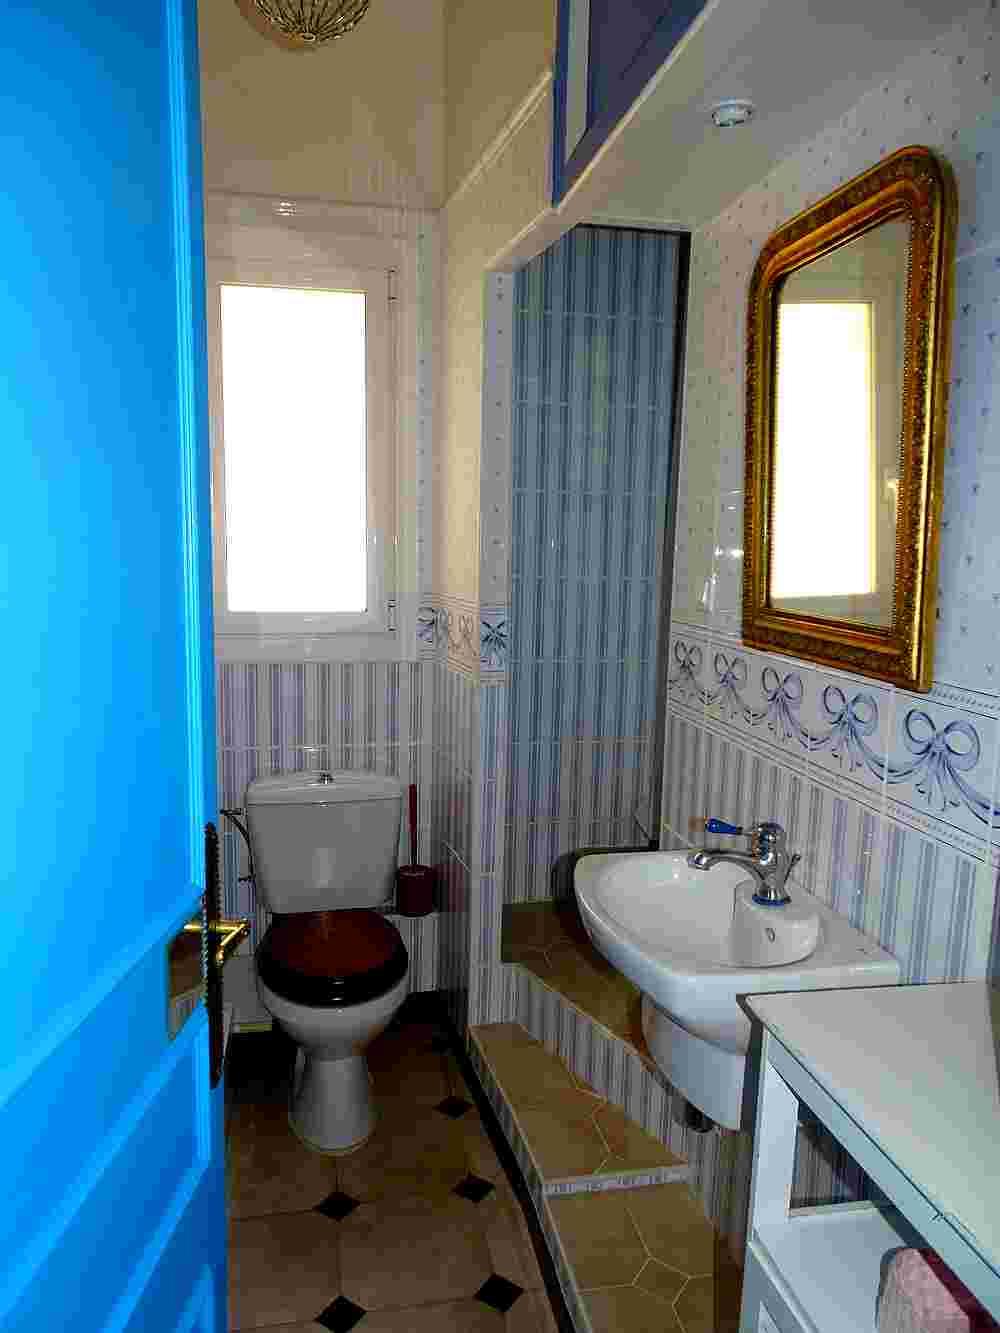 Verhuren agay verhuren villa agay frankrijk - Plannen badkamer m ...